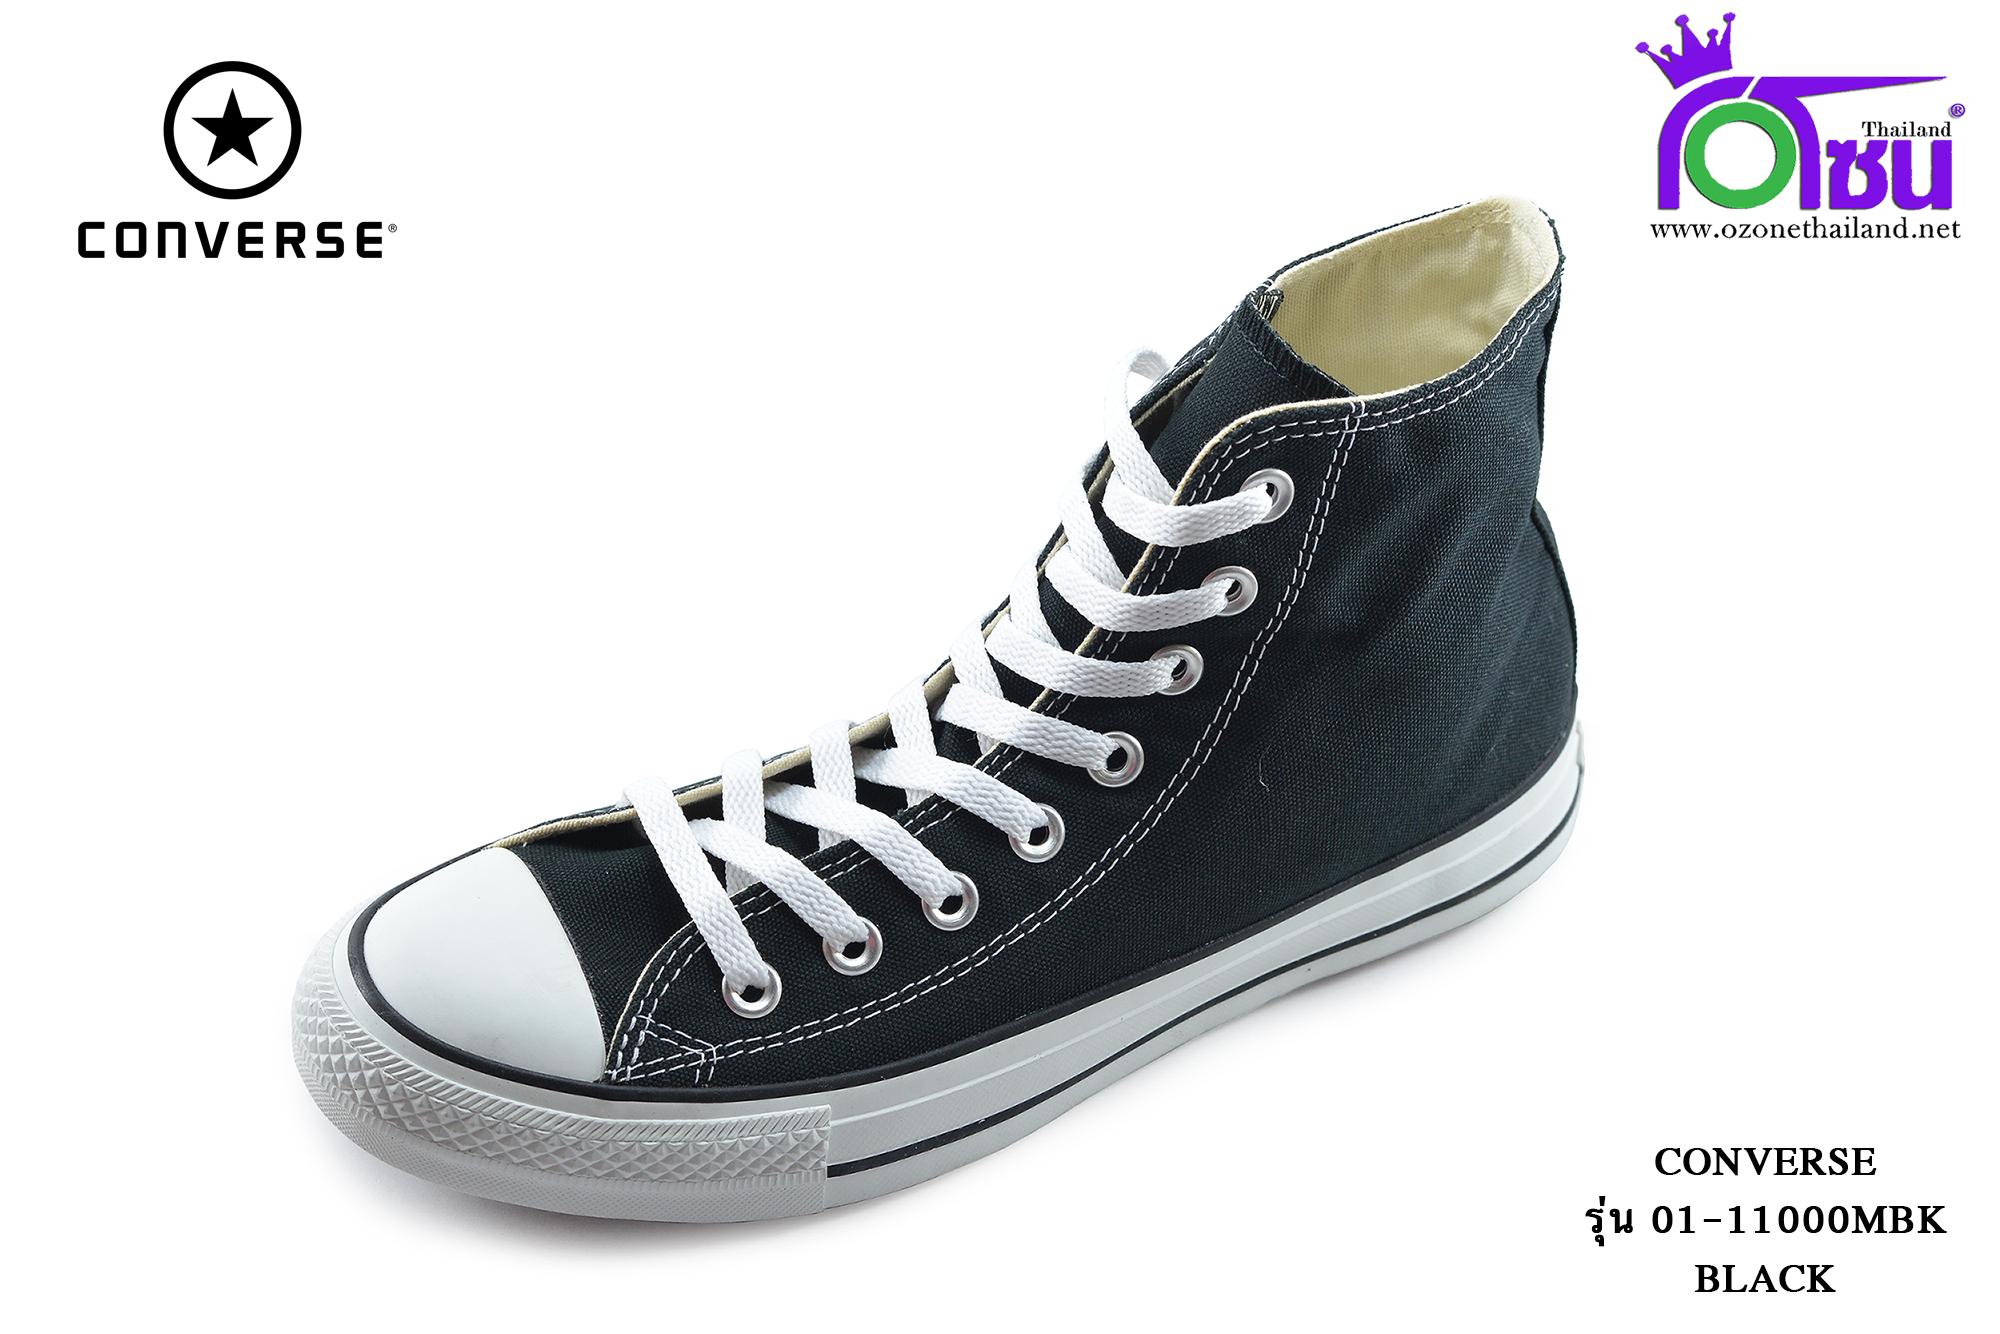 รองเท้าผ้าใบ Converse All star hi black (รุ่นคลาสสิค)